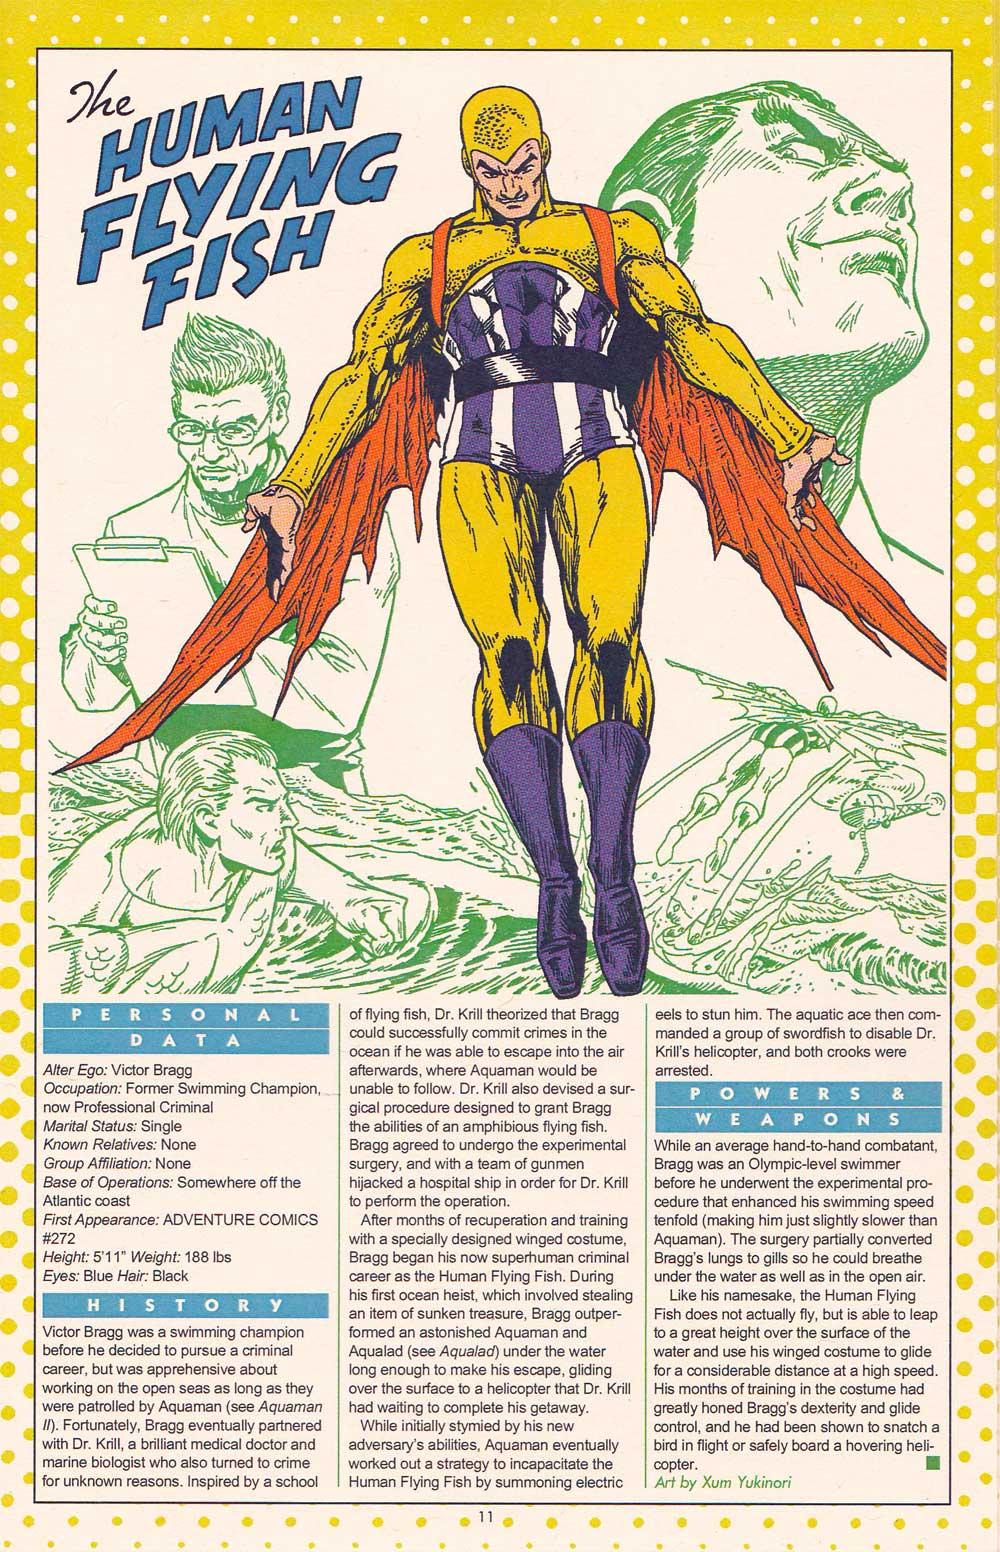 Xum Yukinori's Addendum to the Definitive Directory of the DC Universe - Human Flying Fish by Xum Yukinori